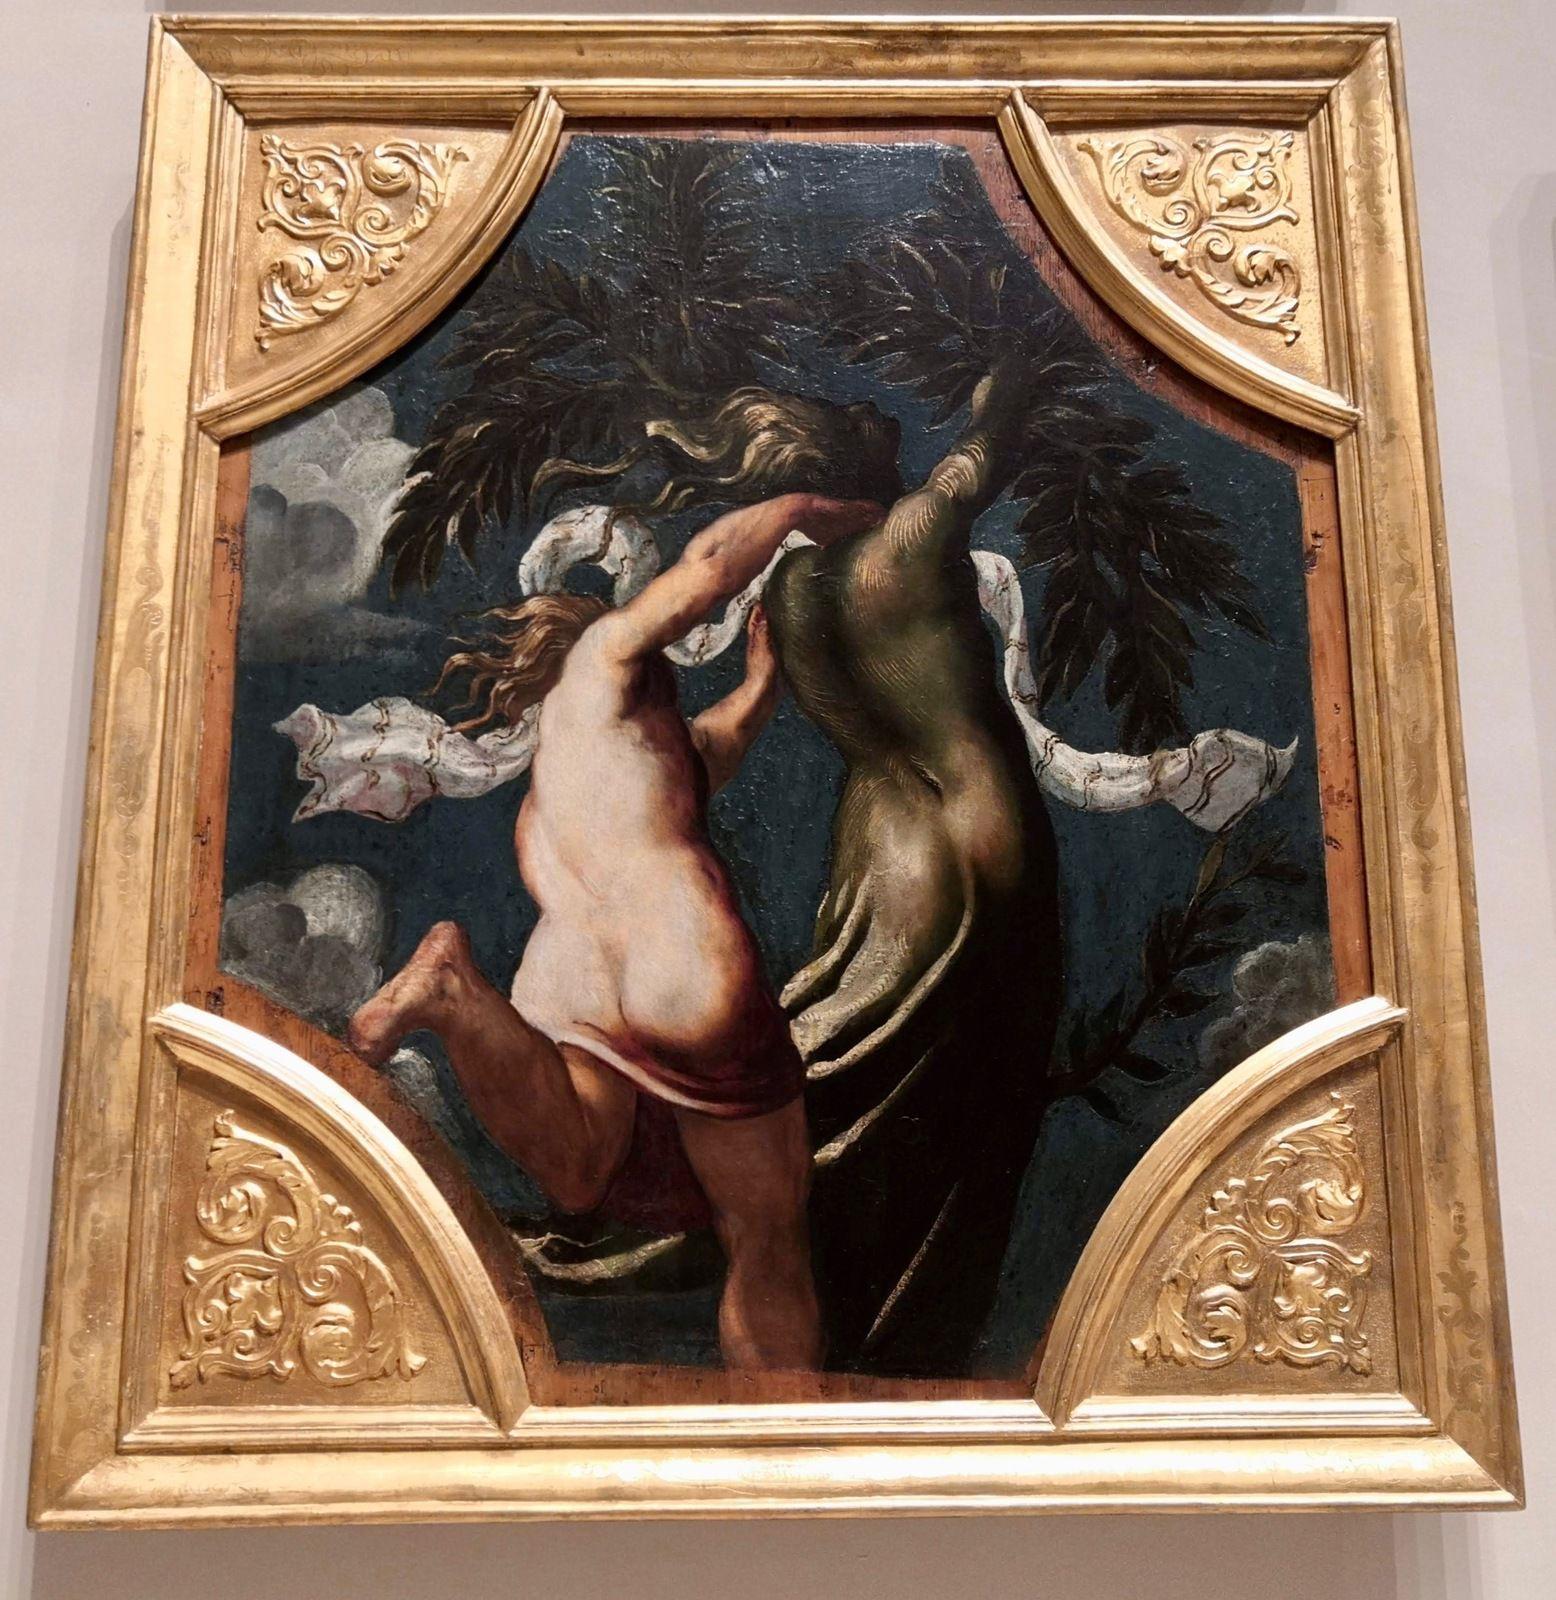 Tintoretto (Jacopo Robusti), la corsa d'Ippomene, la dea Latona trasforma, Appolo e Dafne, Il giudizio di Mida, Piramo e Tisbe